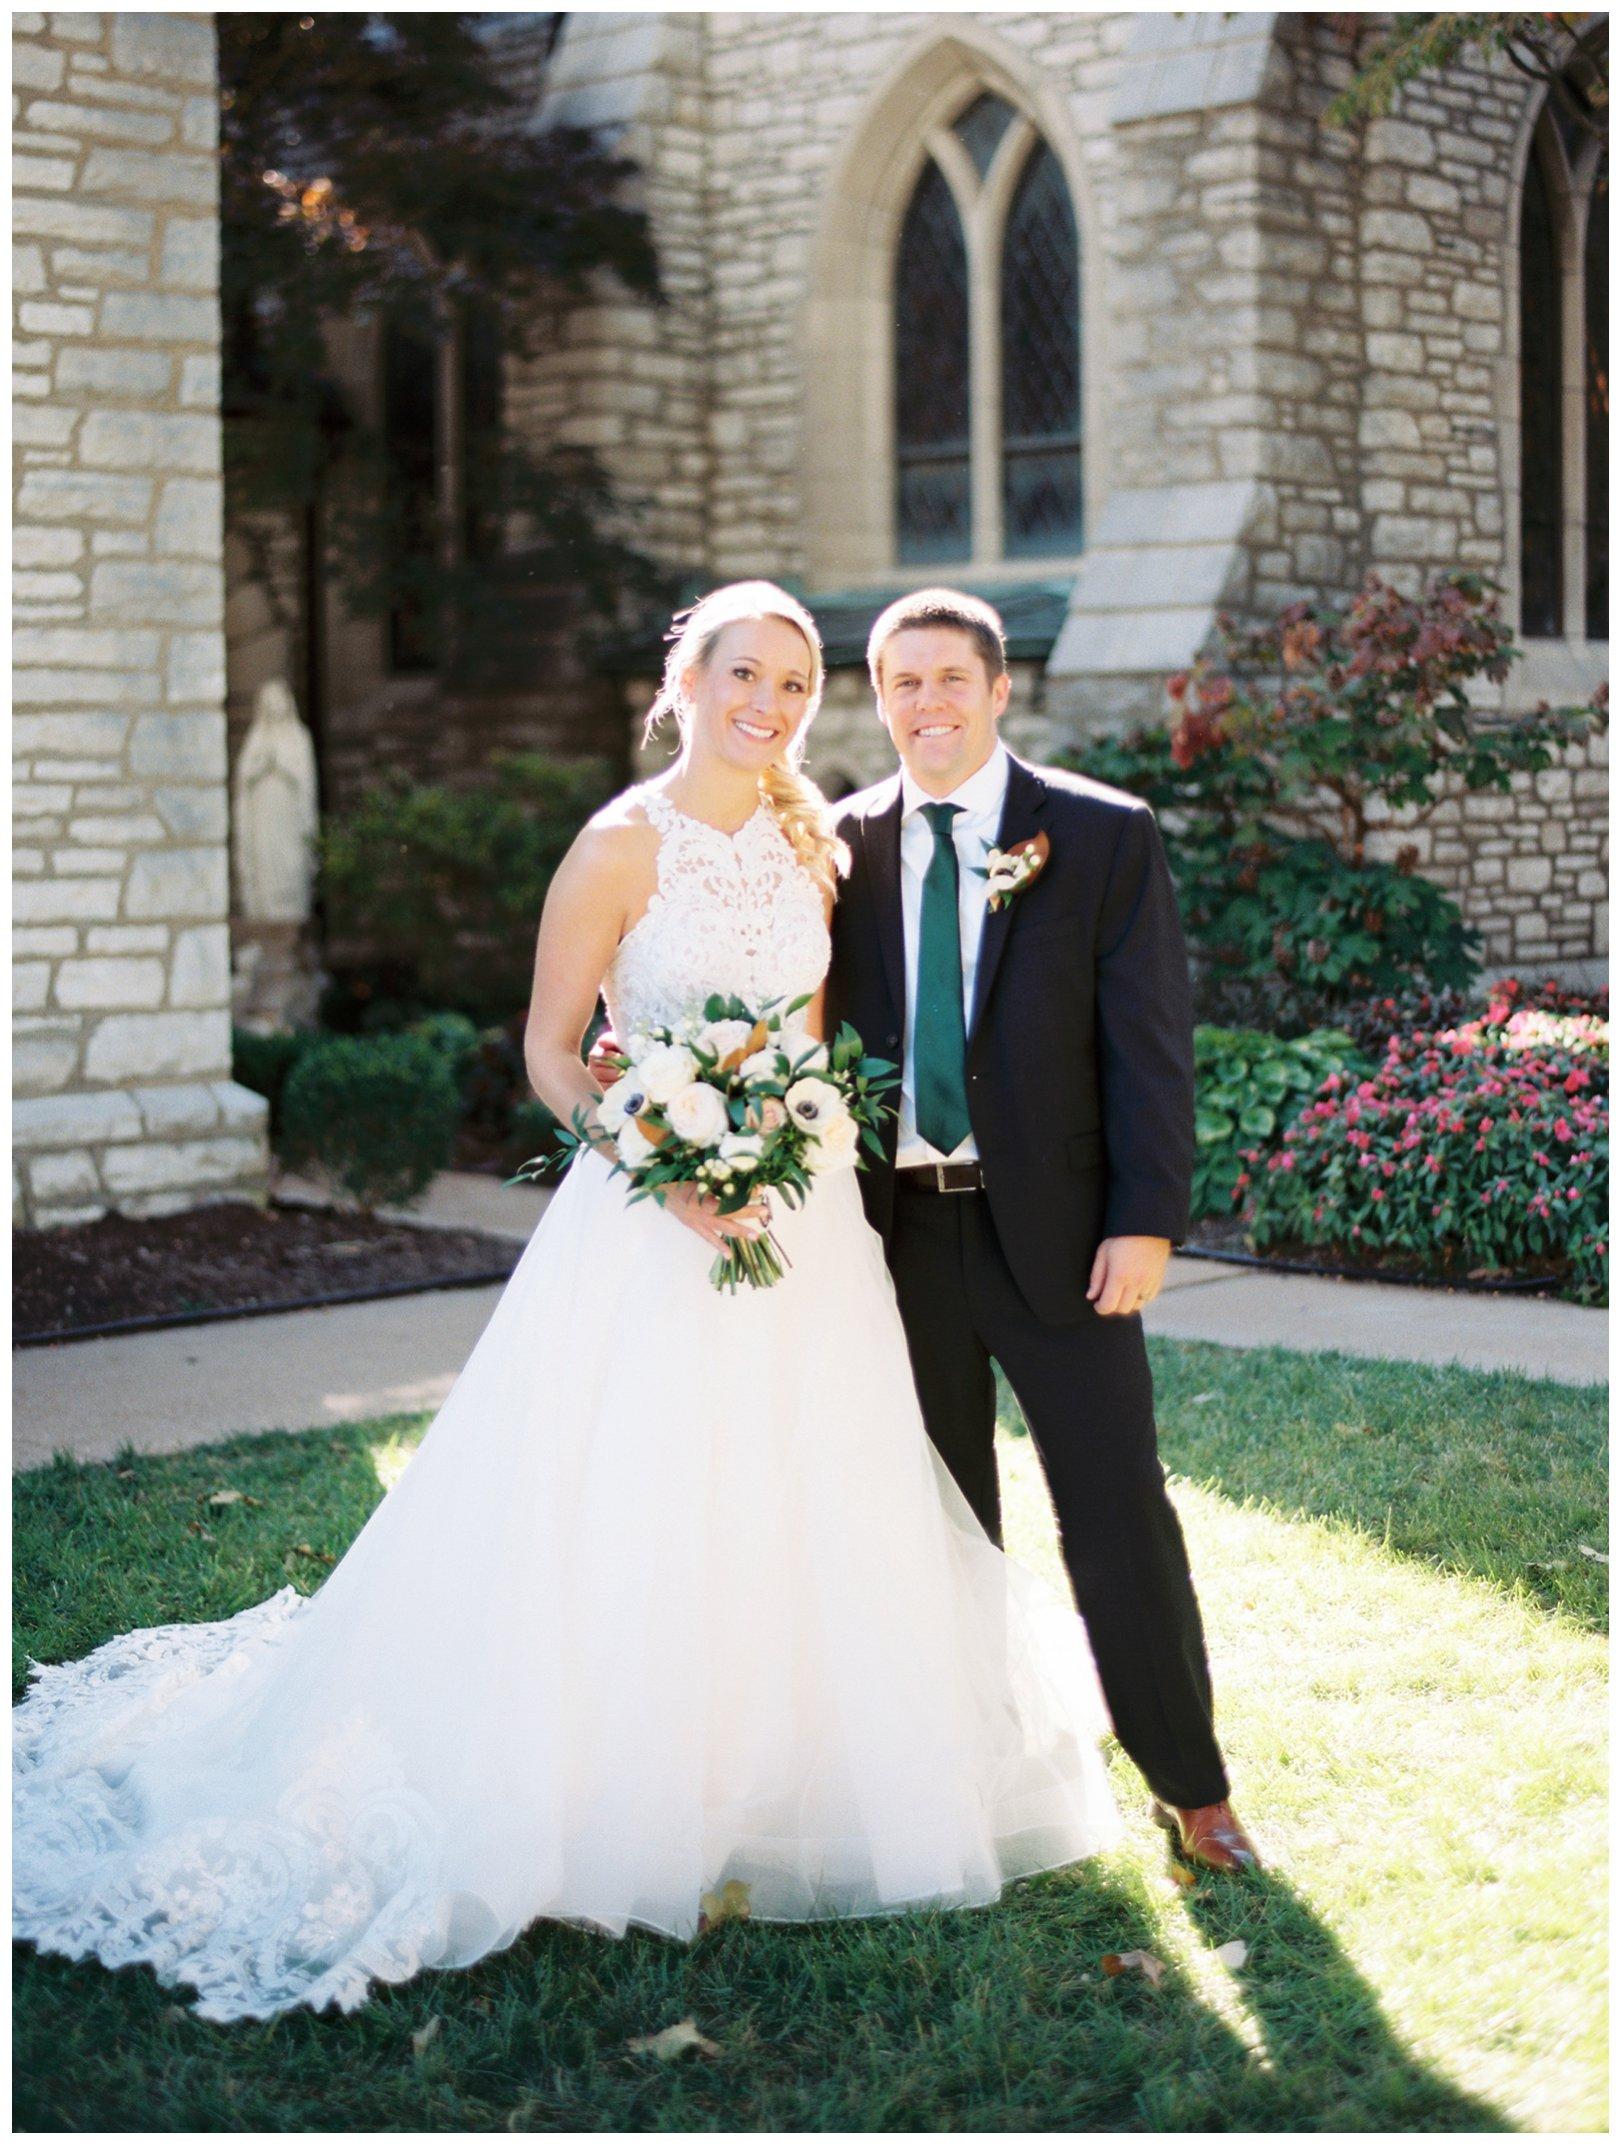 lauren muckler photography_fine art film wedding photography_st louis_photography_2424.jpg